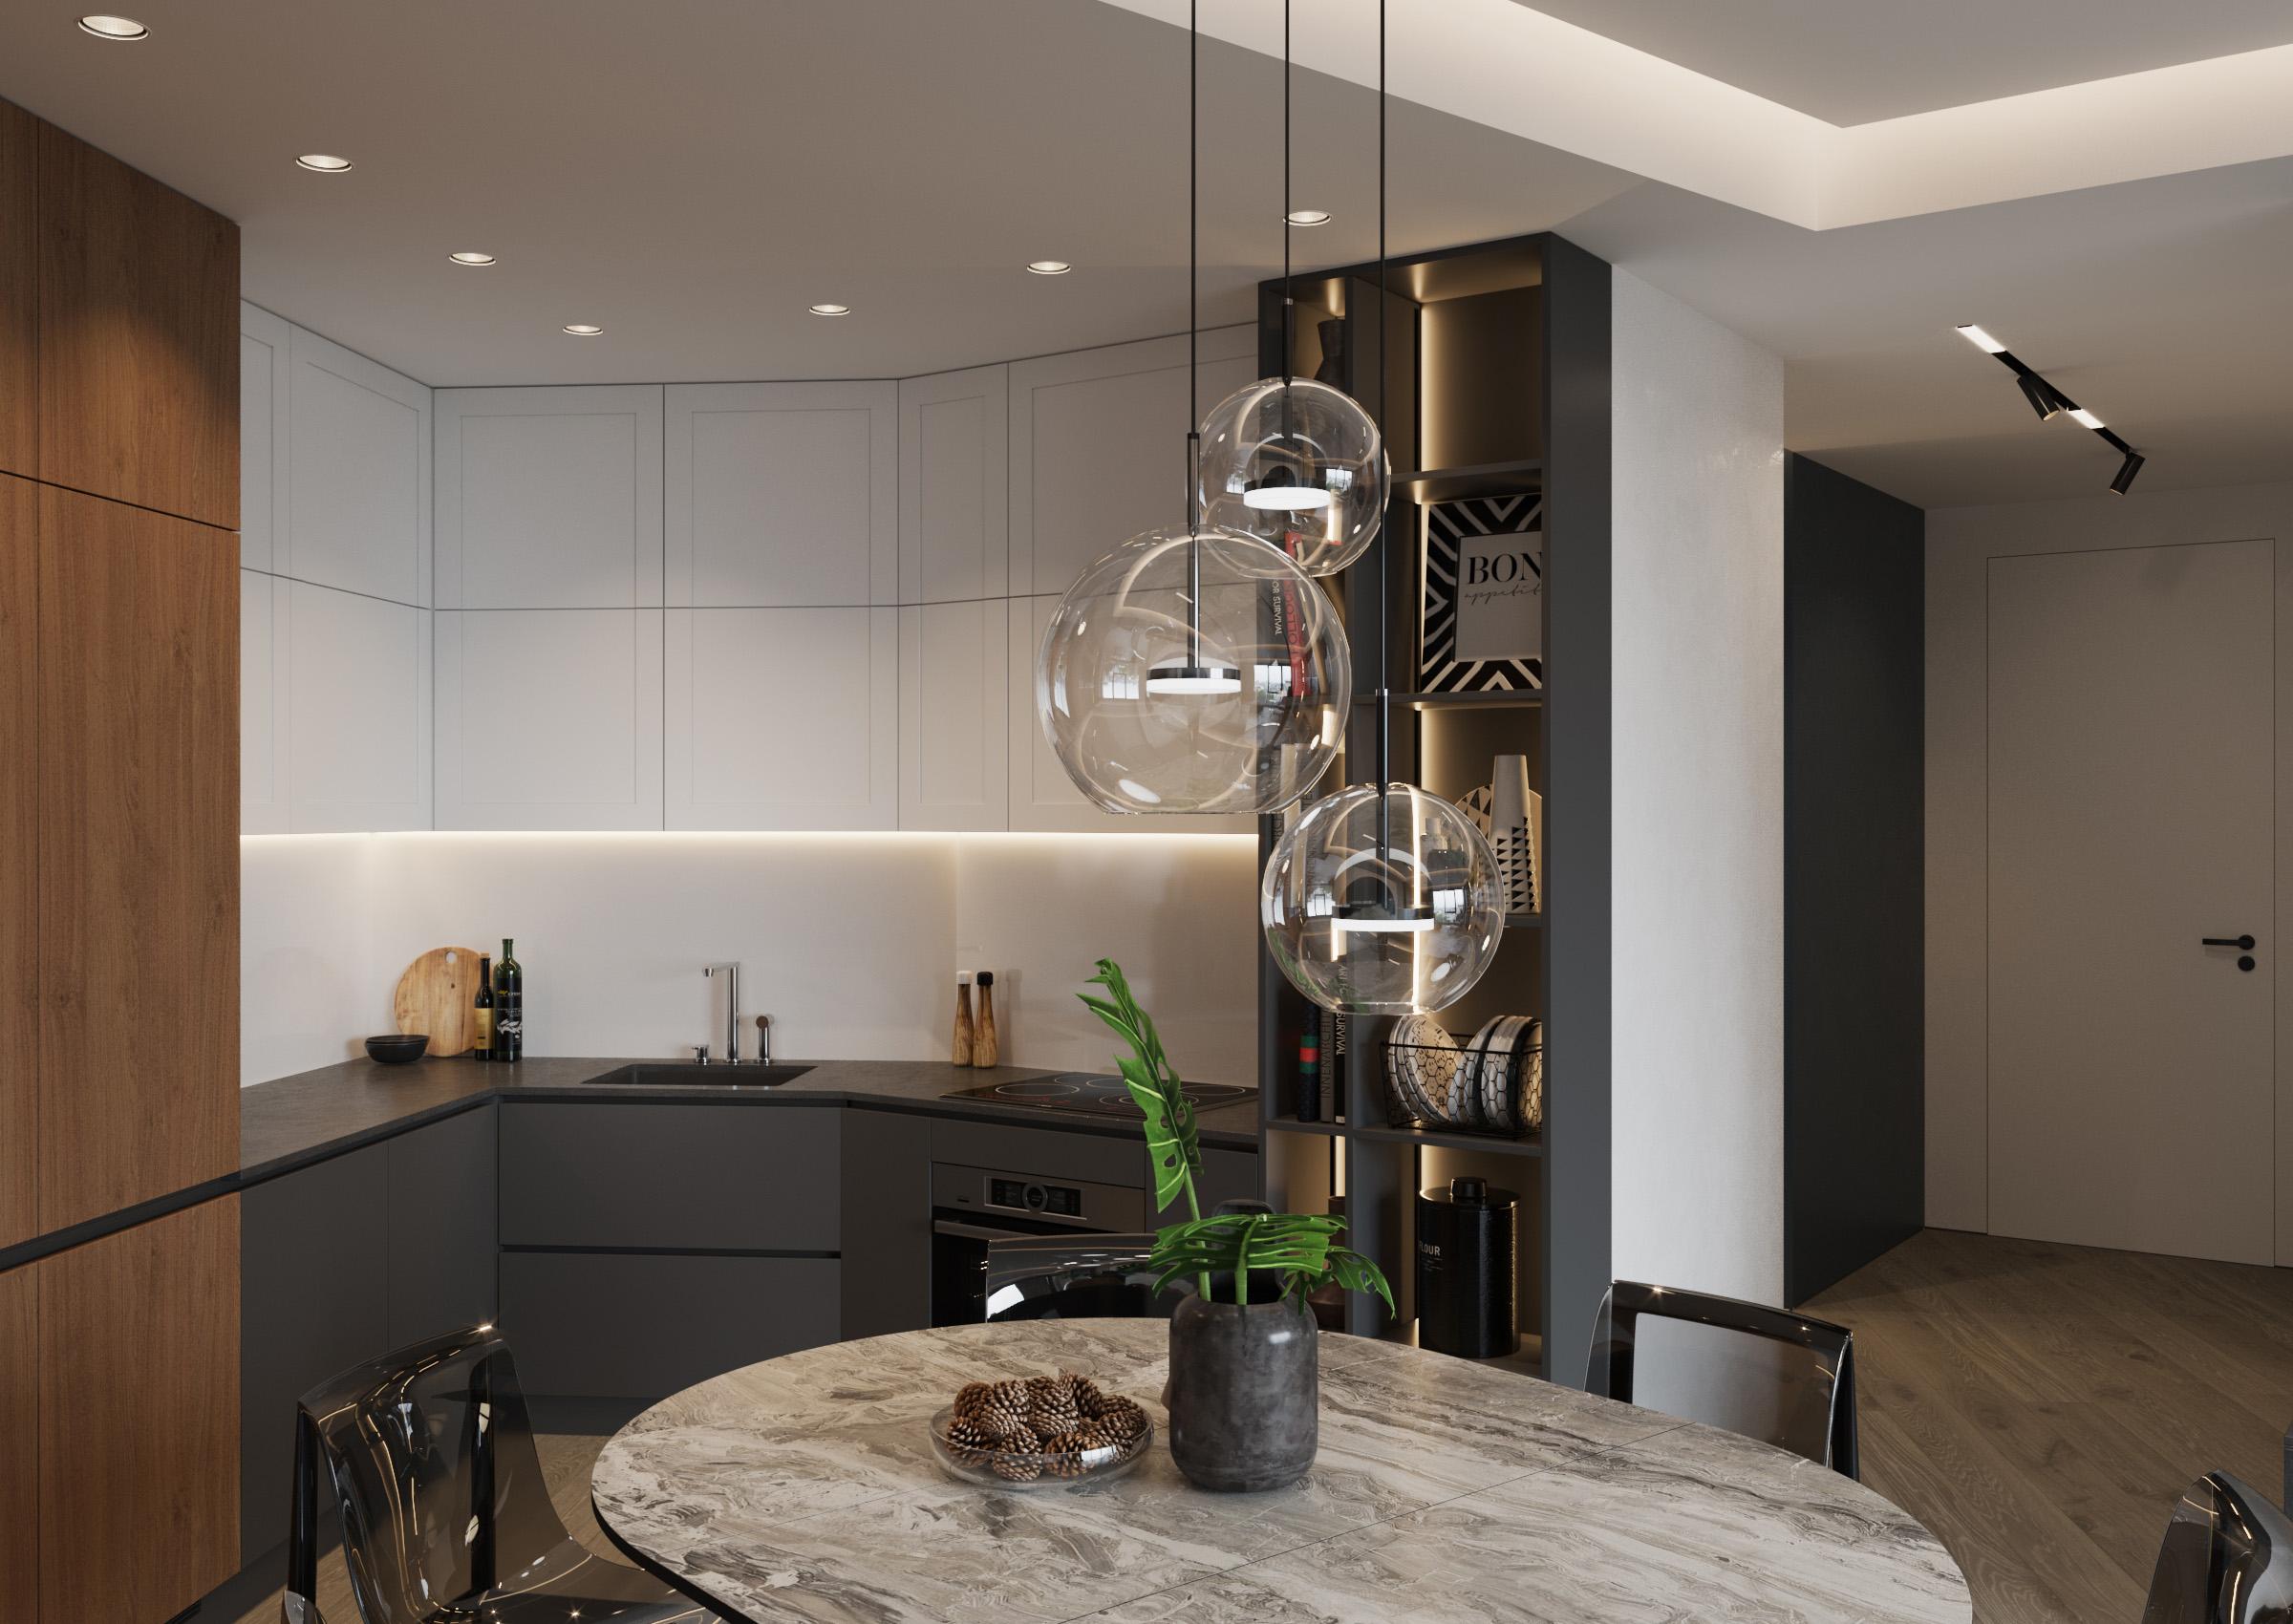 Bucătărie cu loc pentru luat masa, cu accent de decor pe lemn